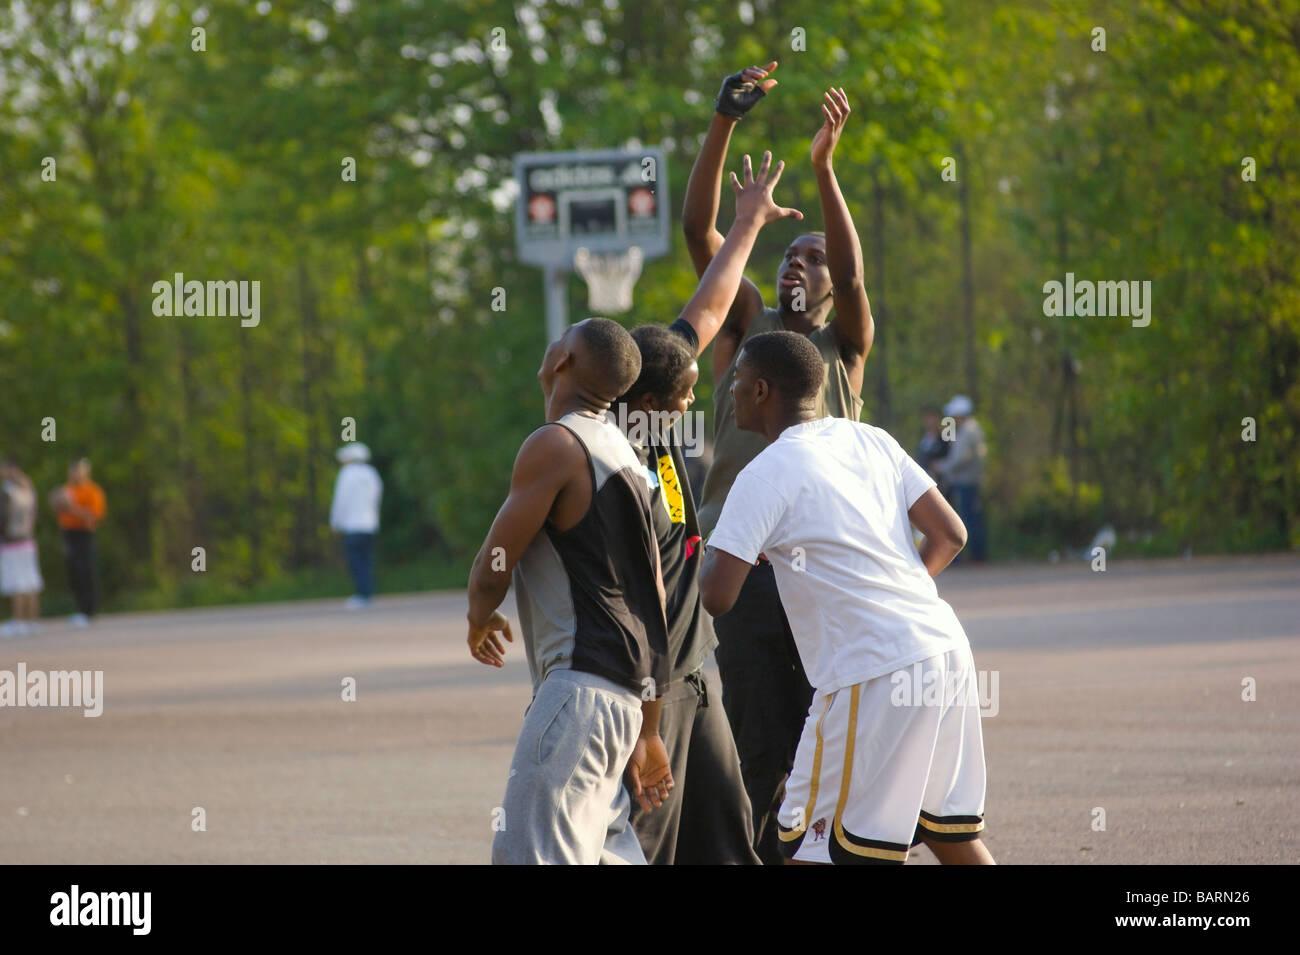 Juego de baloncesto casual en una tarde de domingo en Finsbury Park Londres Inglaterra Imagen De Stock